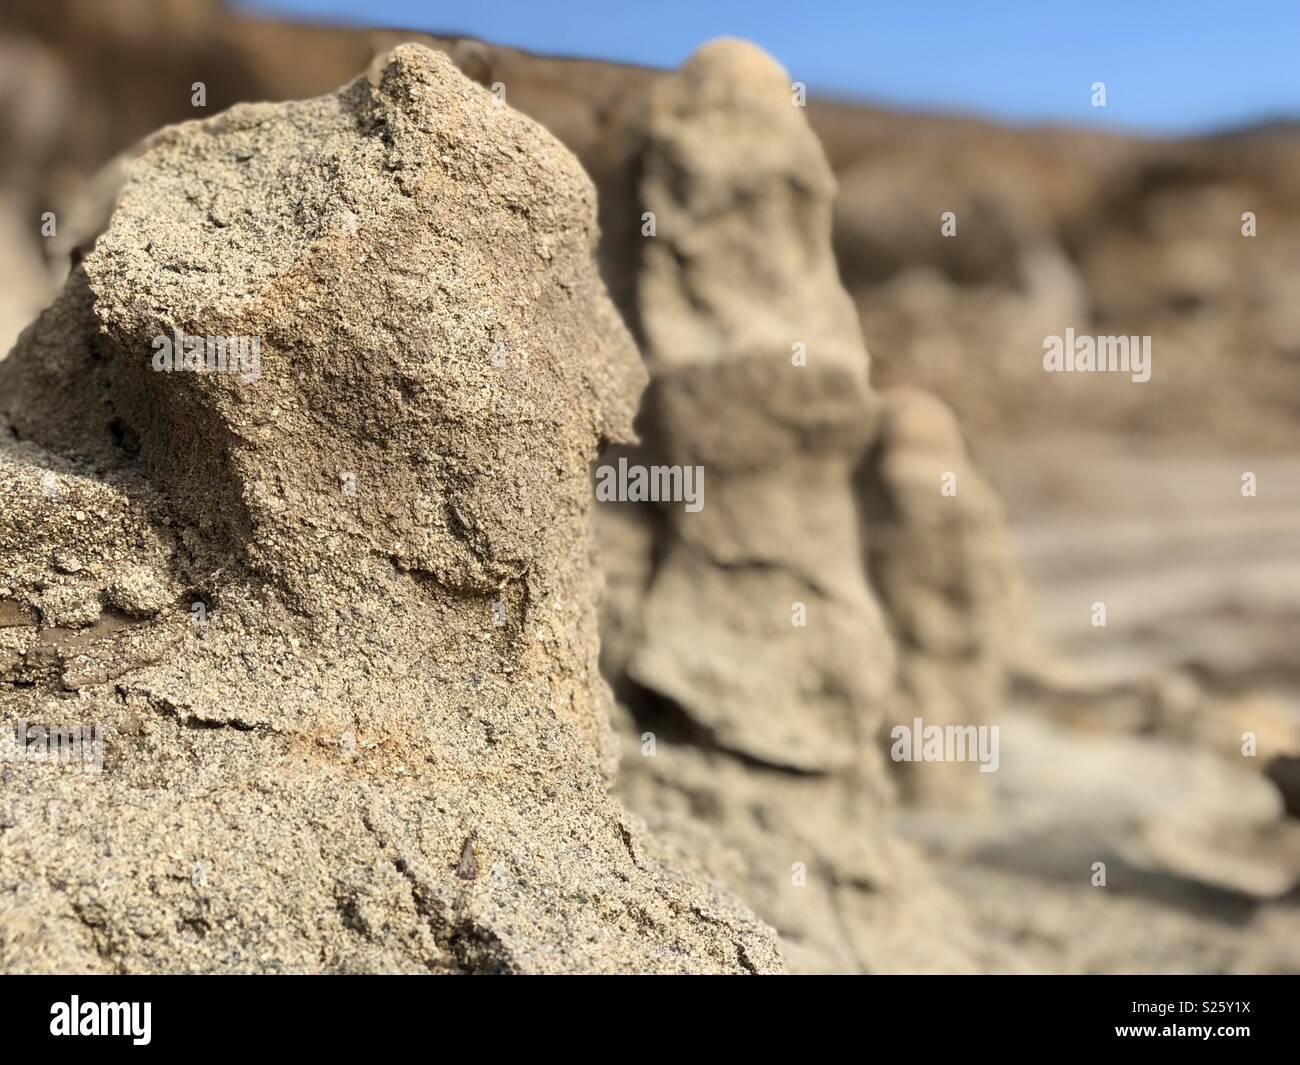 Monumentos naturales de arena que se formaron al bajar el nivel del lago. Colbun, Chile. Stock Photo